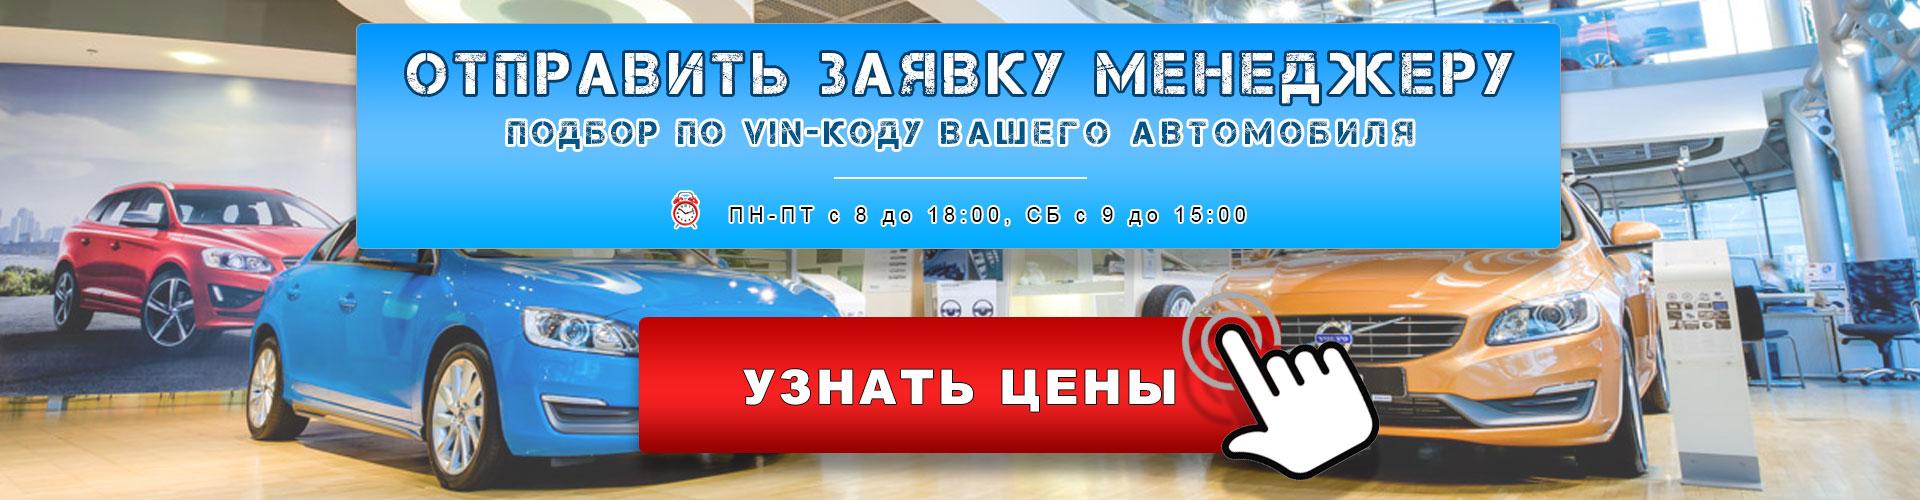 b2dfda892 Интернет-магазин автозапчастей Донецк, ДНР - DN-R.RU